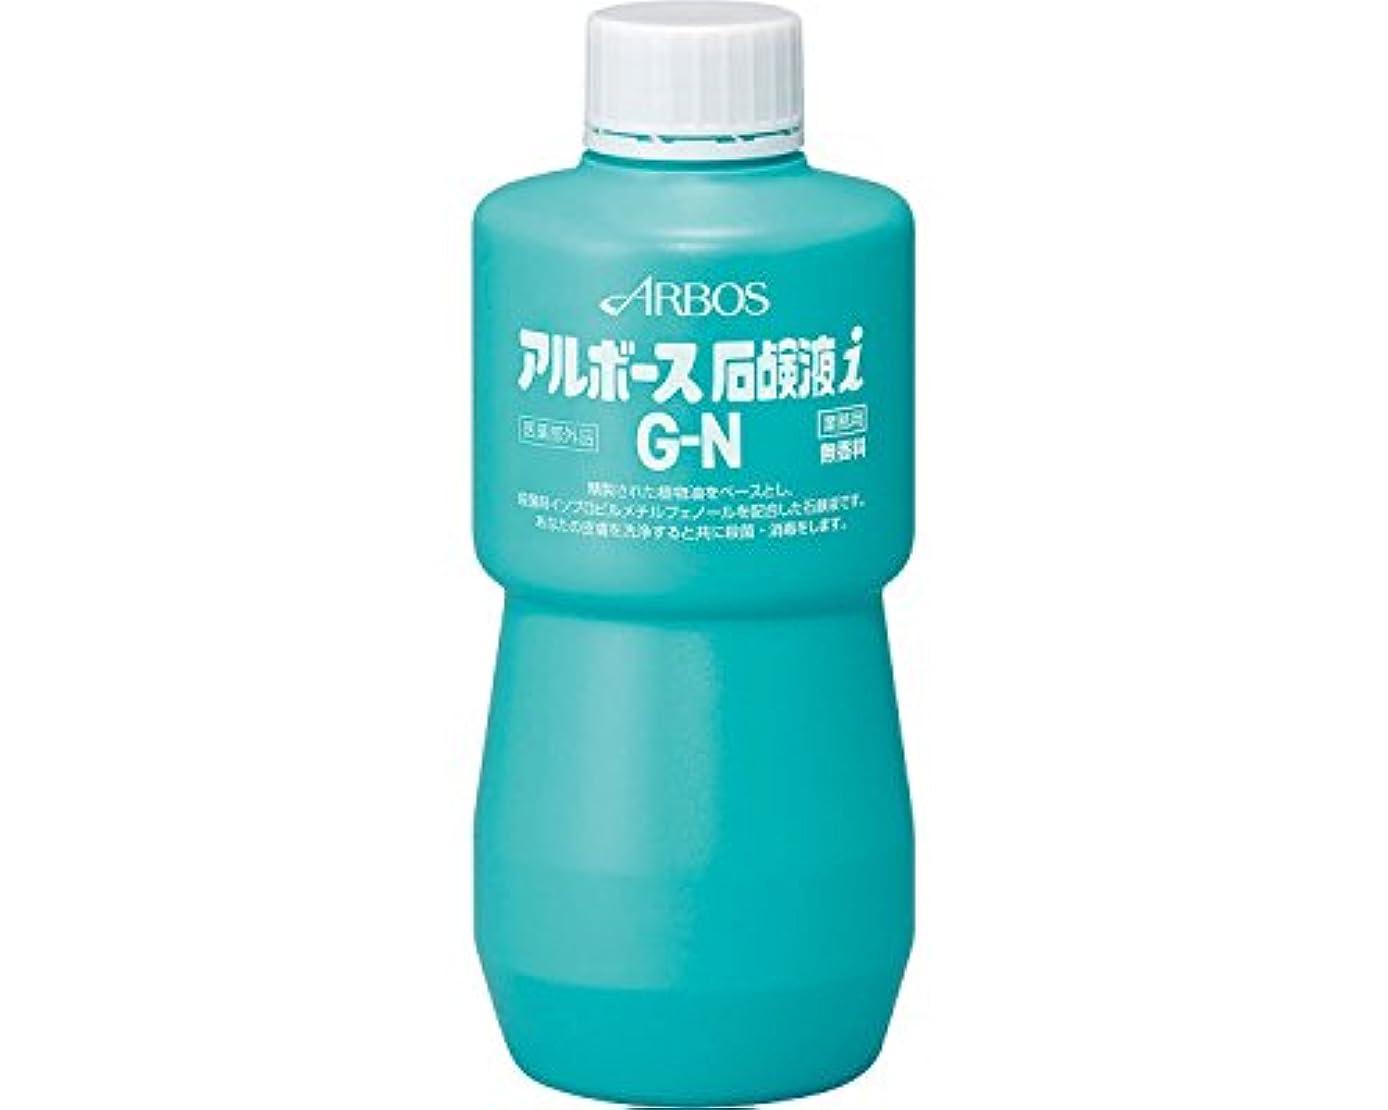 ピッチ環境同化アルボース石鹸液i GN 500g 1ケース(30本入) (アルボース)